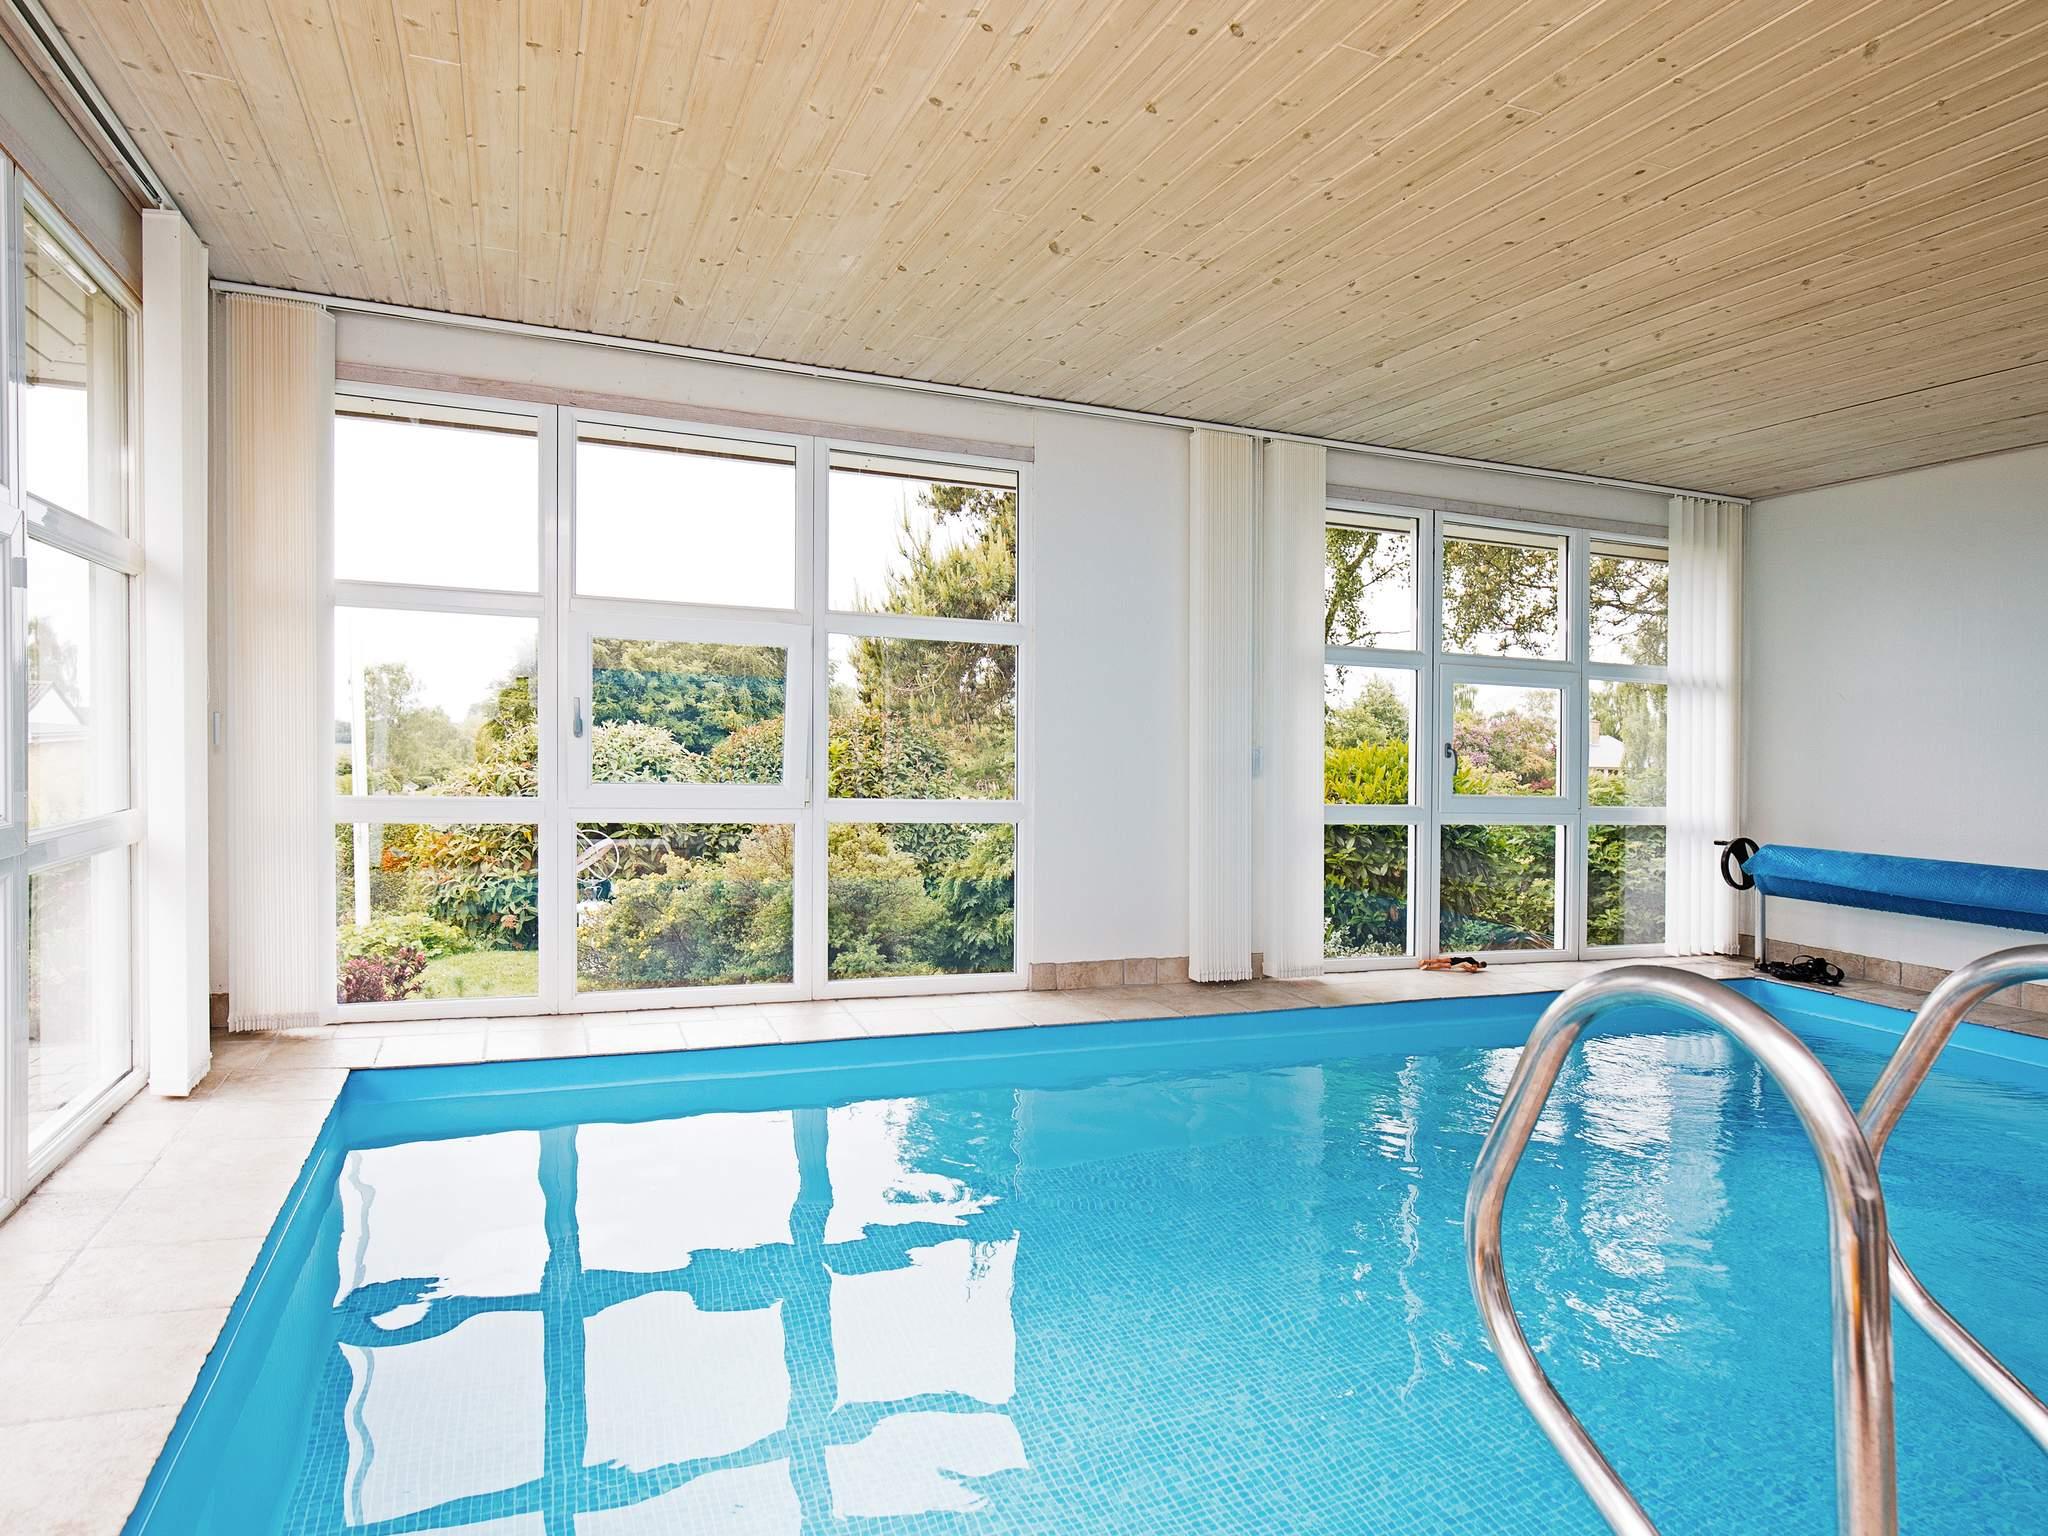 Ferienhaus Kobæk Strand (469719), Skælskør, , Westseeland, Dänemark, Bild 25